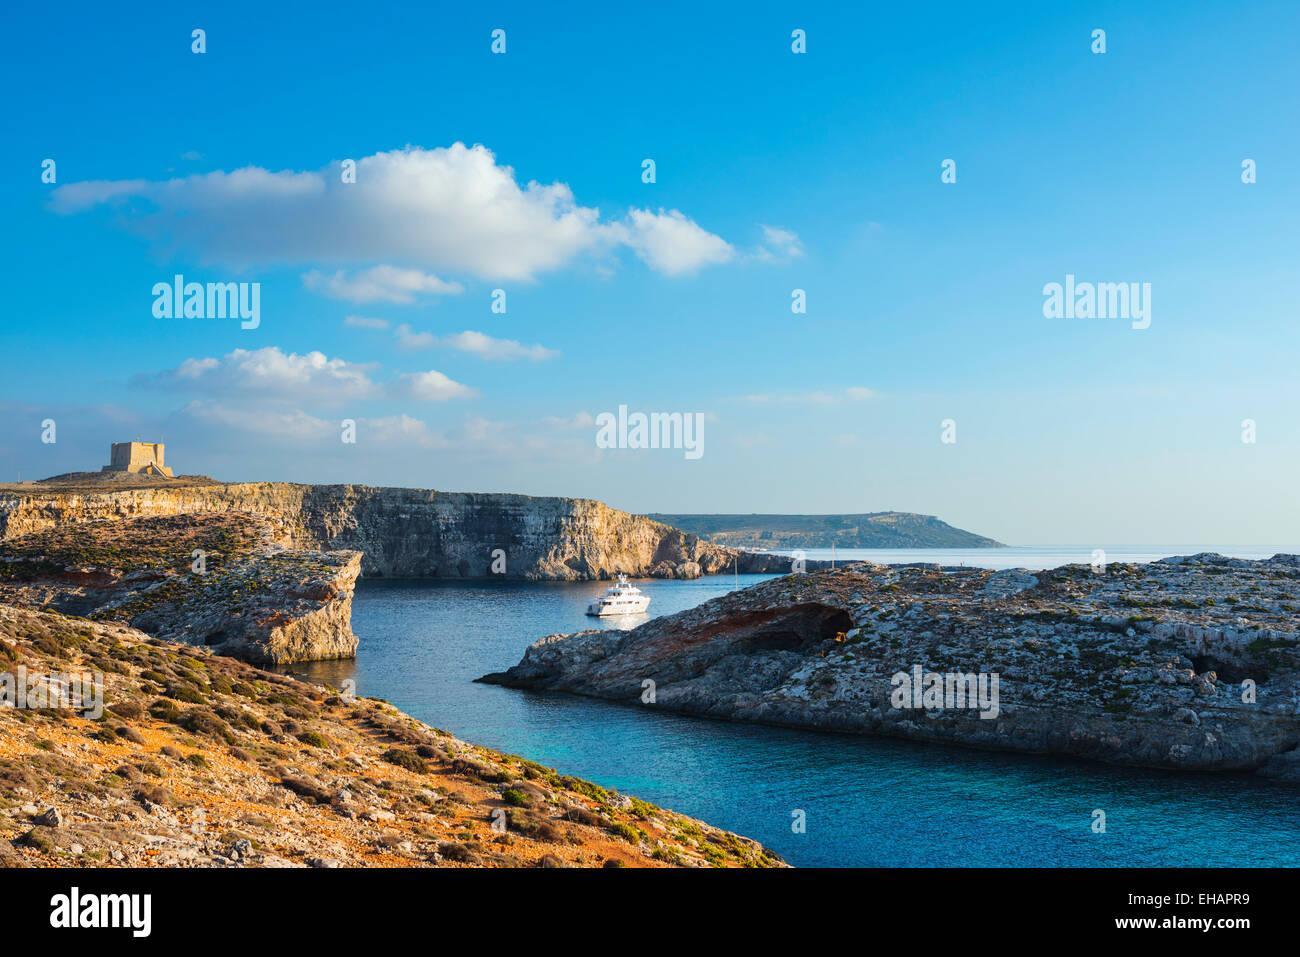 L' Europa mediterranea, Malta e Comino Isola, scogliera torre di avvistamento Immagini Stock